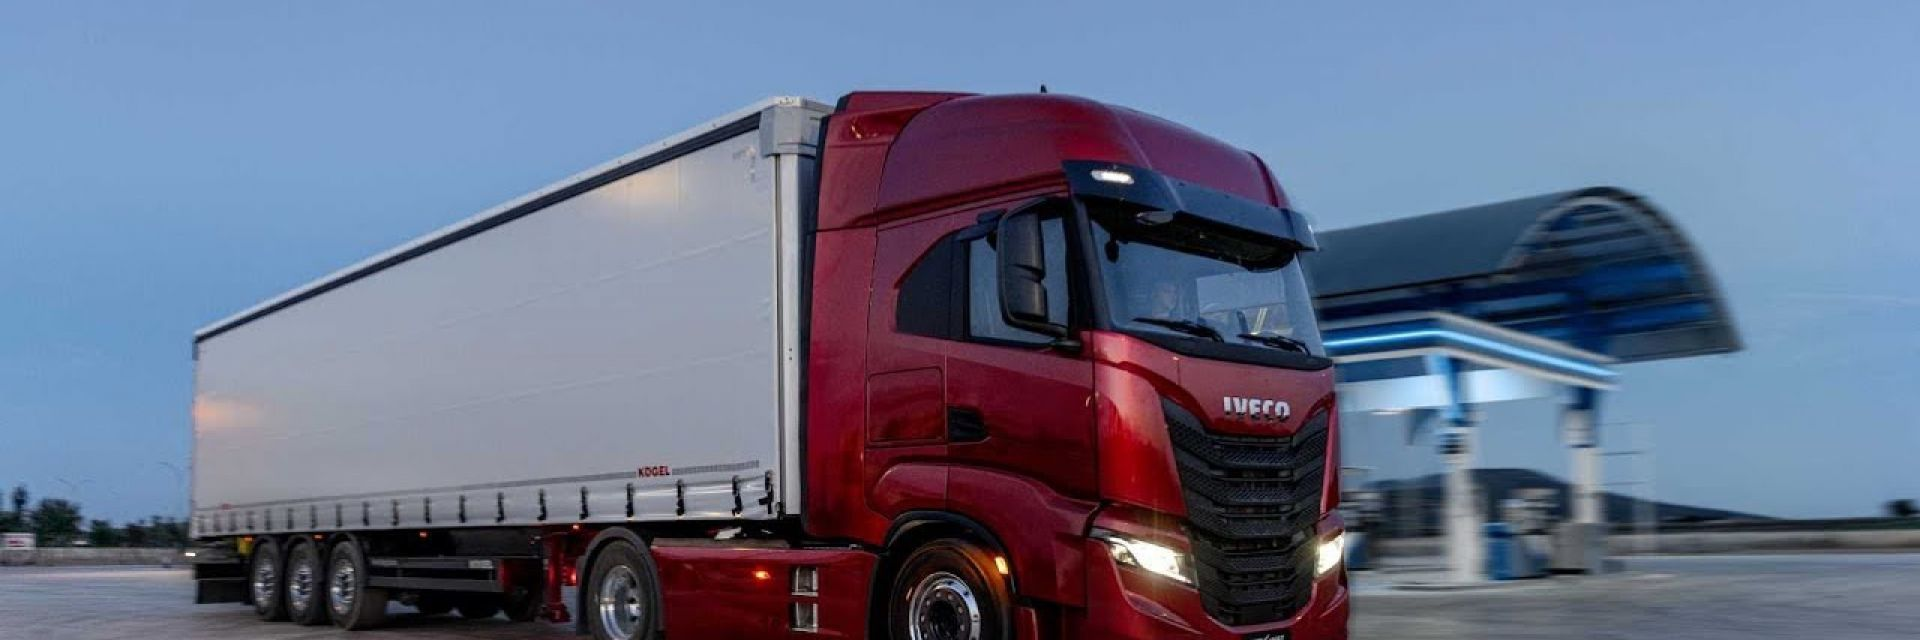 Iveco S-Way: DE nieuwe Iveco truck!